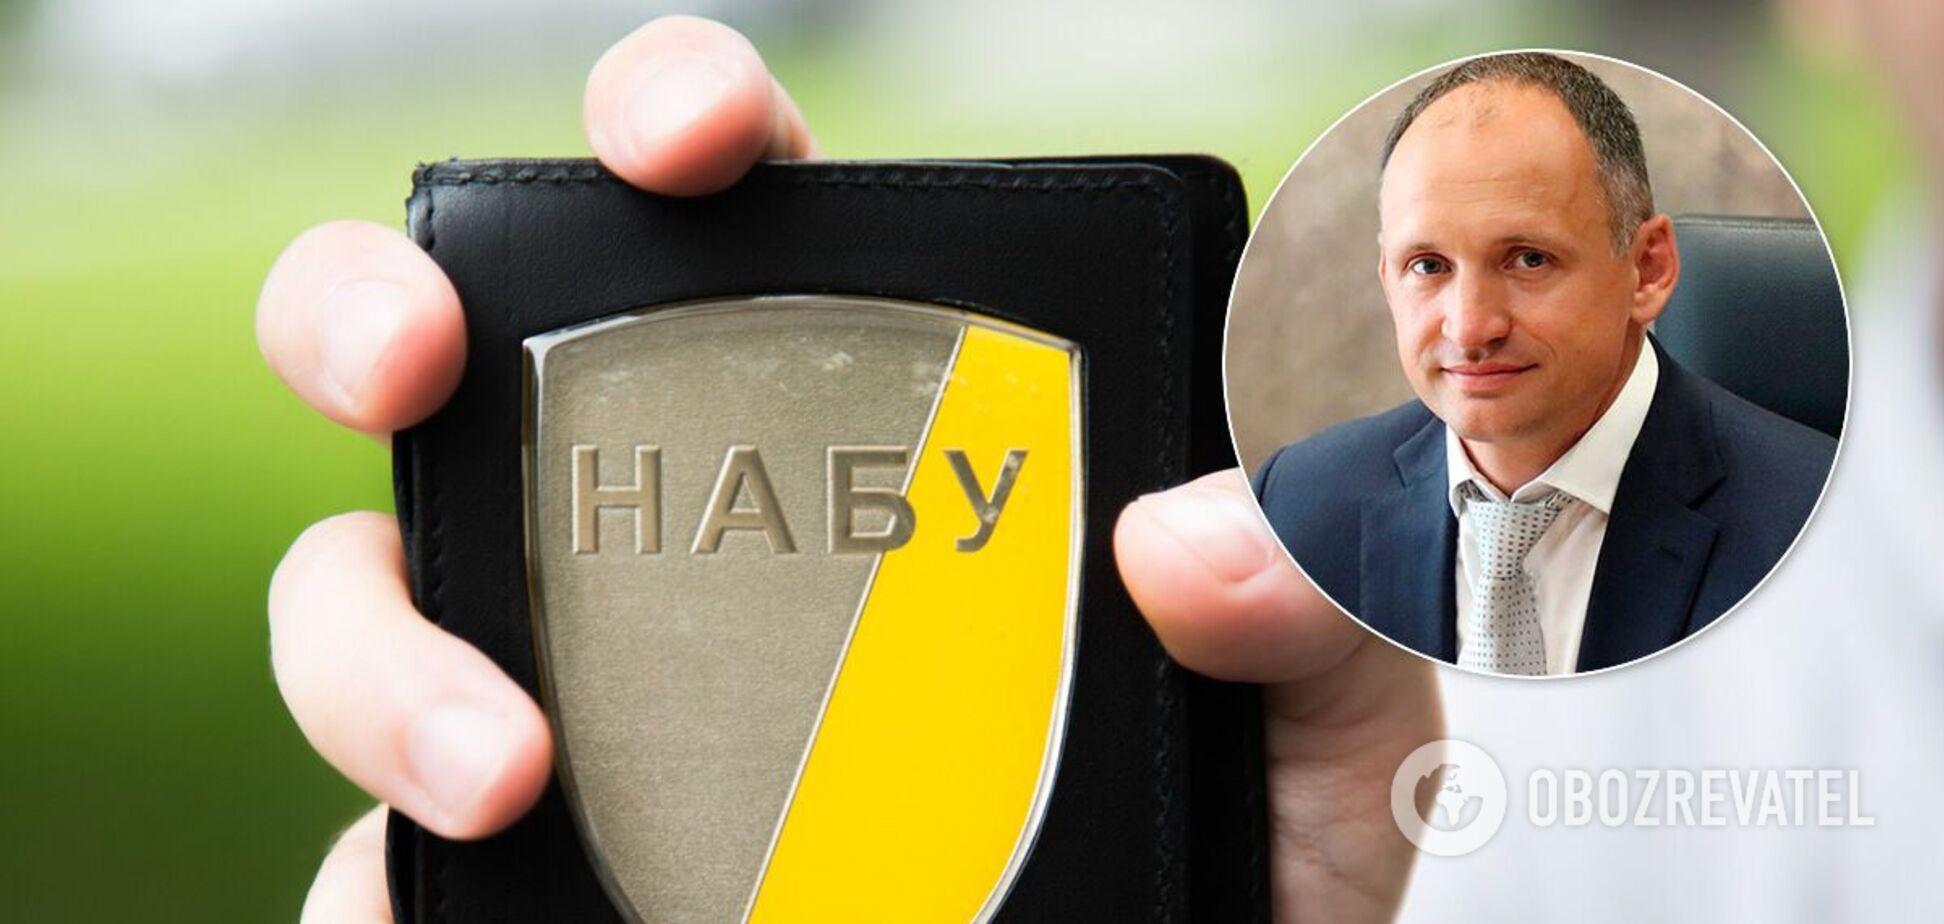 Заявление Олега Татарова против НАБУ – это удар на упреждение со стороны ОП